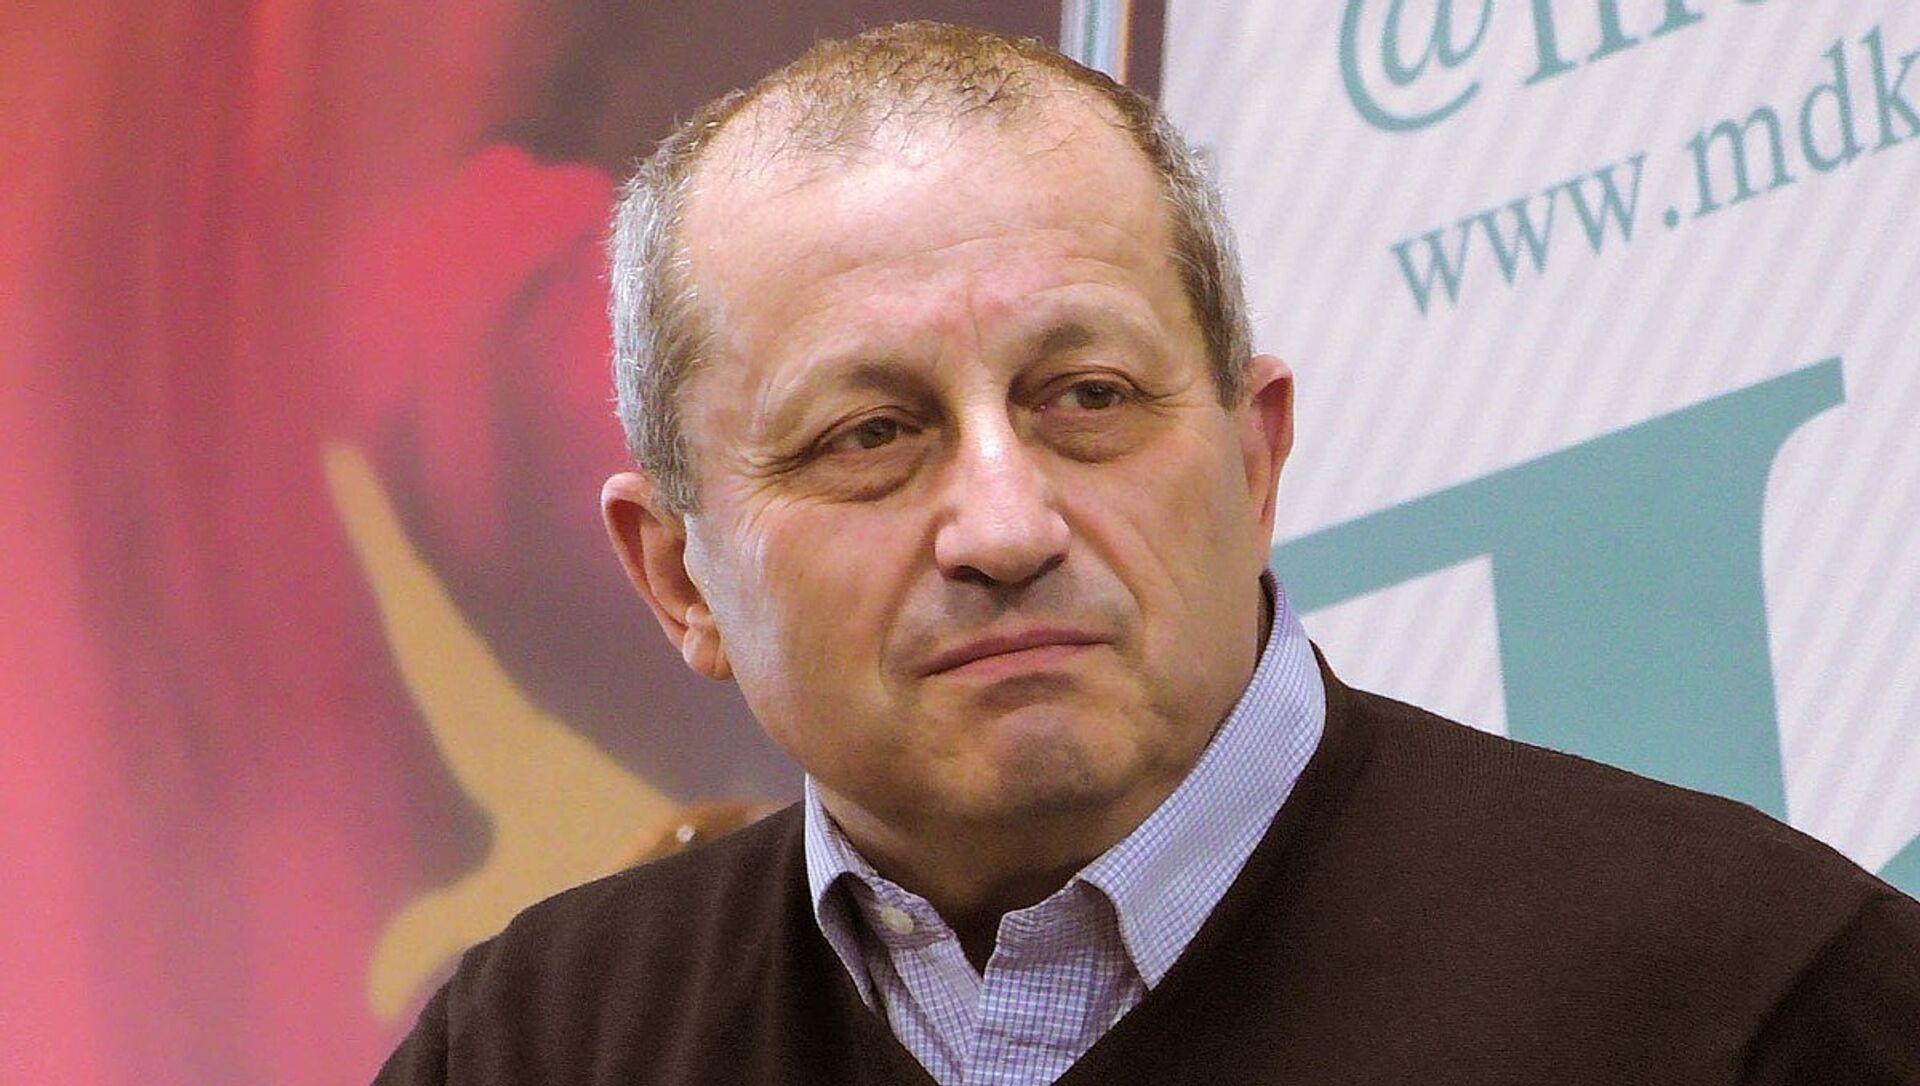 Политический эксперт, экс-глава израильской спецслужбы Натив Яков Кедми  - Sputnik Беларусь, 1920, 13.05.2021